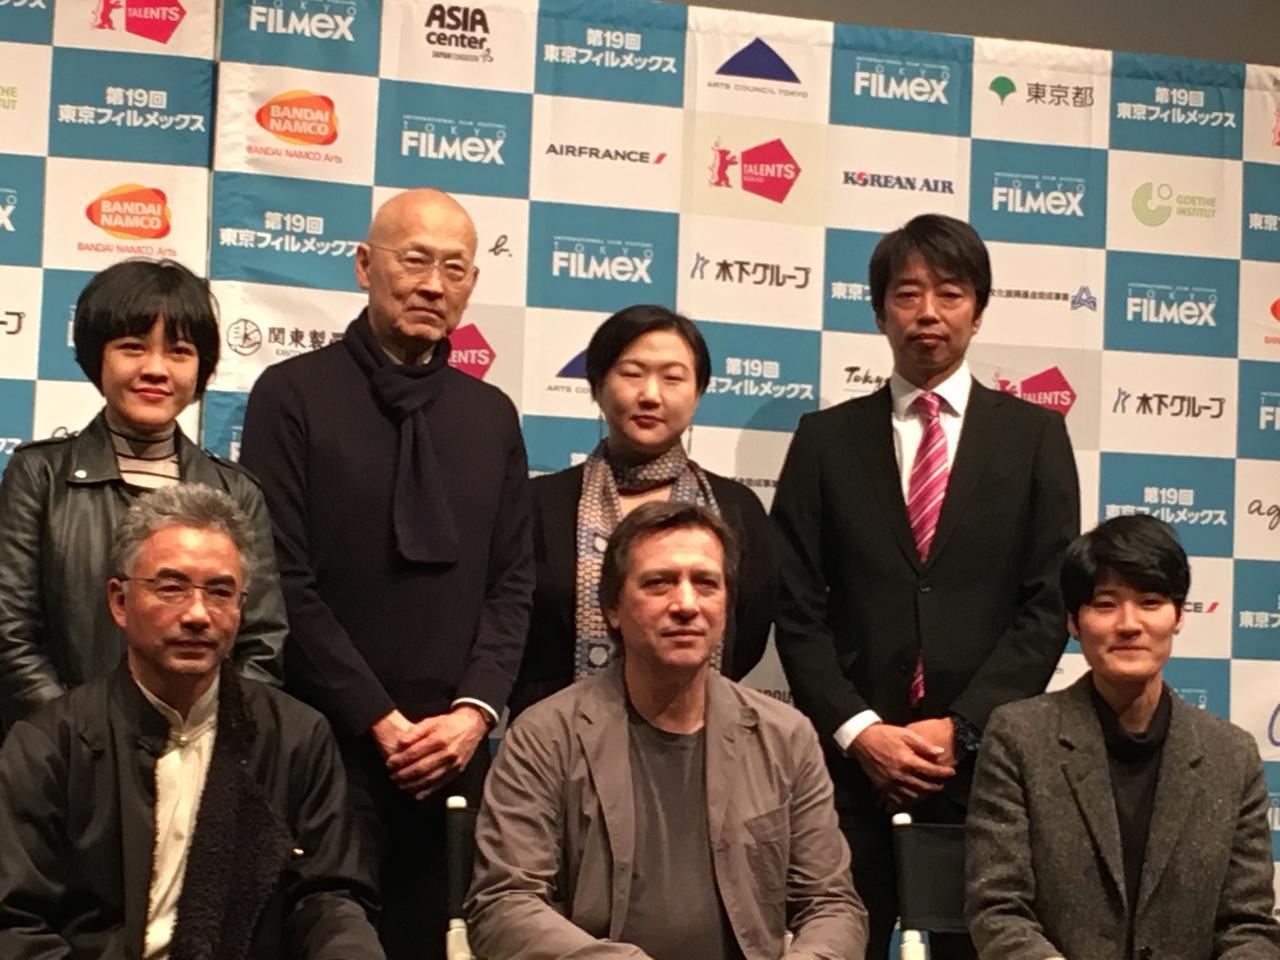 画像2: 受賞理由は「日本映画の未来への一条の明るい光となった」広瀬奈々子のデビュー作『夜明け』フィルメックスでスペシャル・メンション受賞!